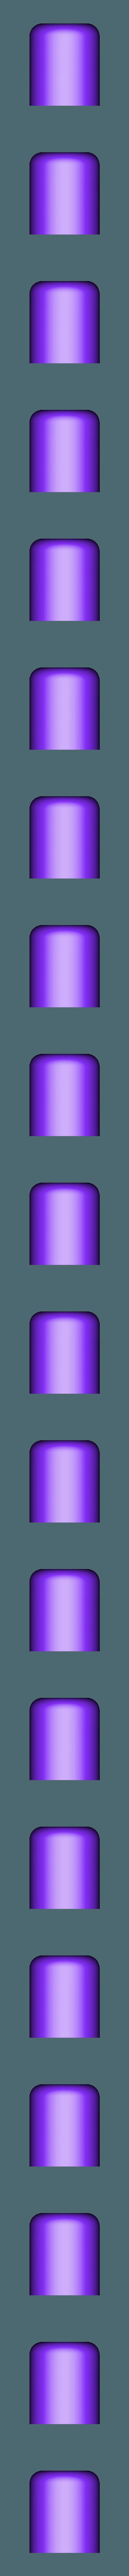 1904-07_Part06.stl Télécharger fichier STL gratuit Serrure imprimée 3D • Objet imprimable en 3D, EL3D